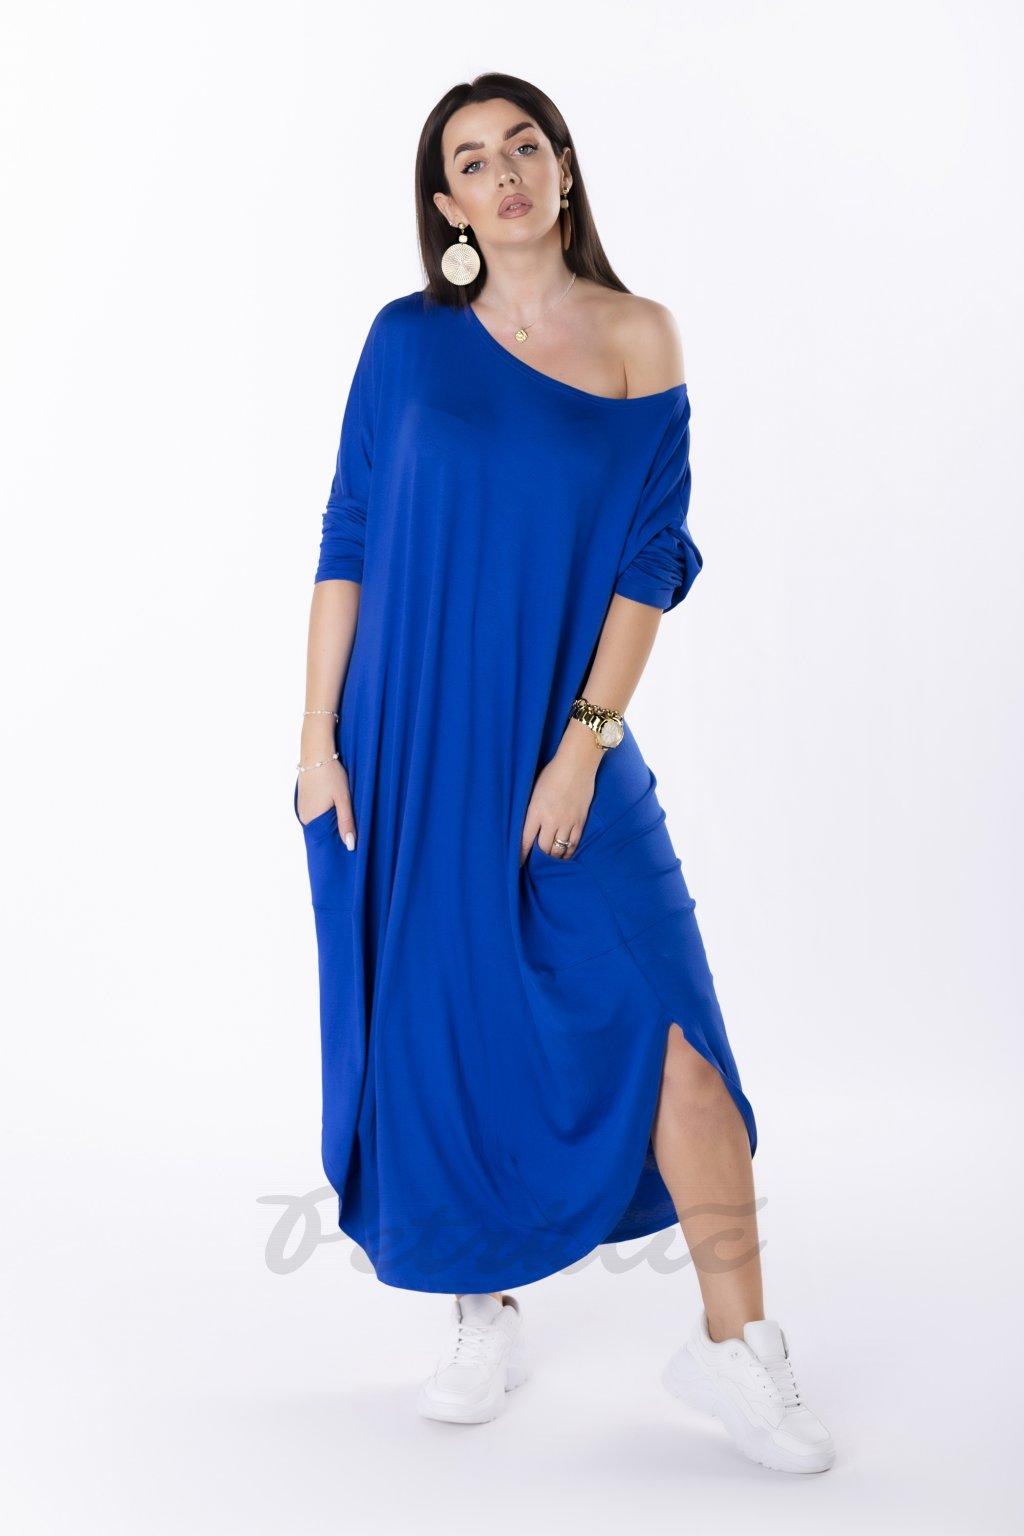 Letní oversize šaty – královsky modré QBT83874